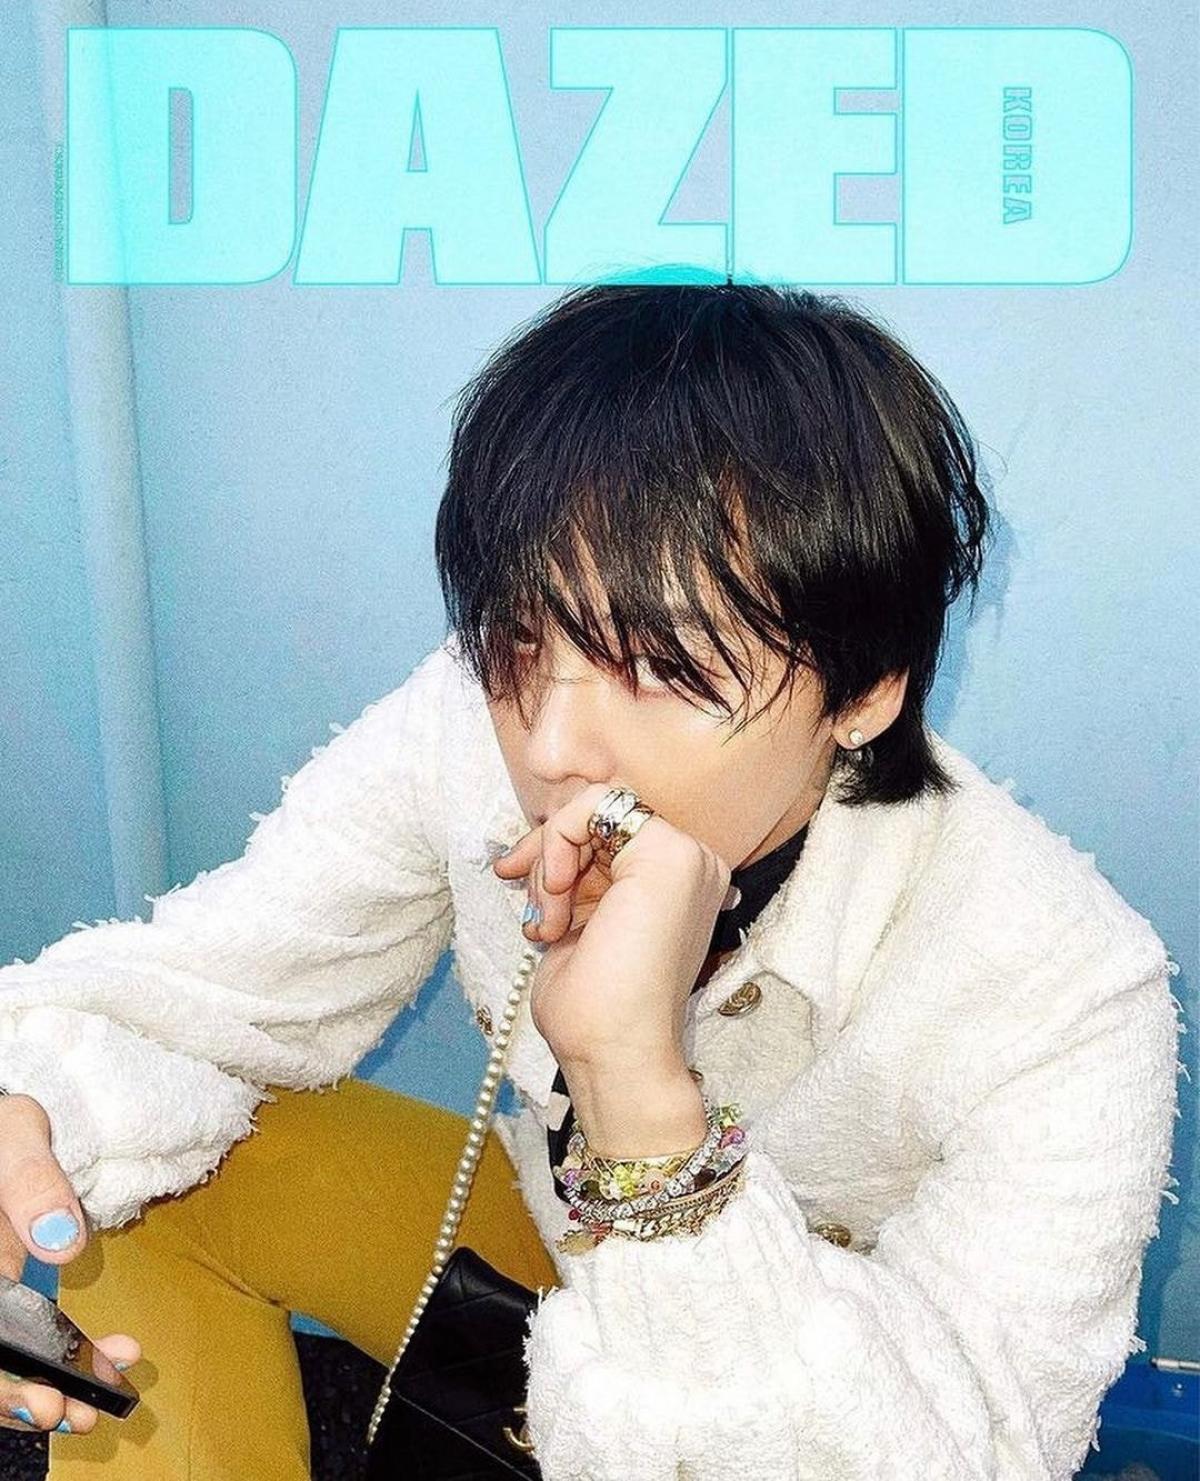 G-Dragon khẳng định đẳng cấp 'Ông hoàng thời trang' với 8 trang bìa tạp chí - Ảnh 1.